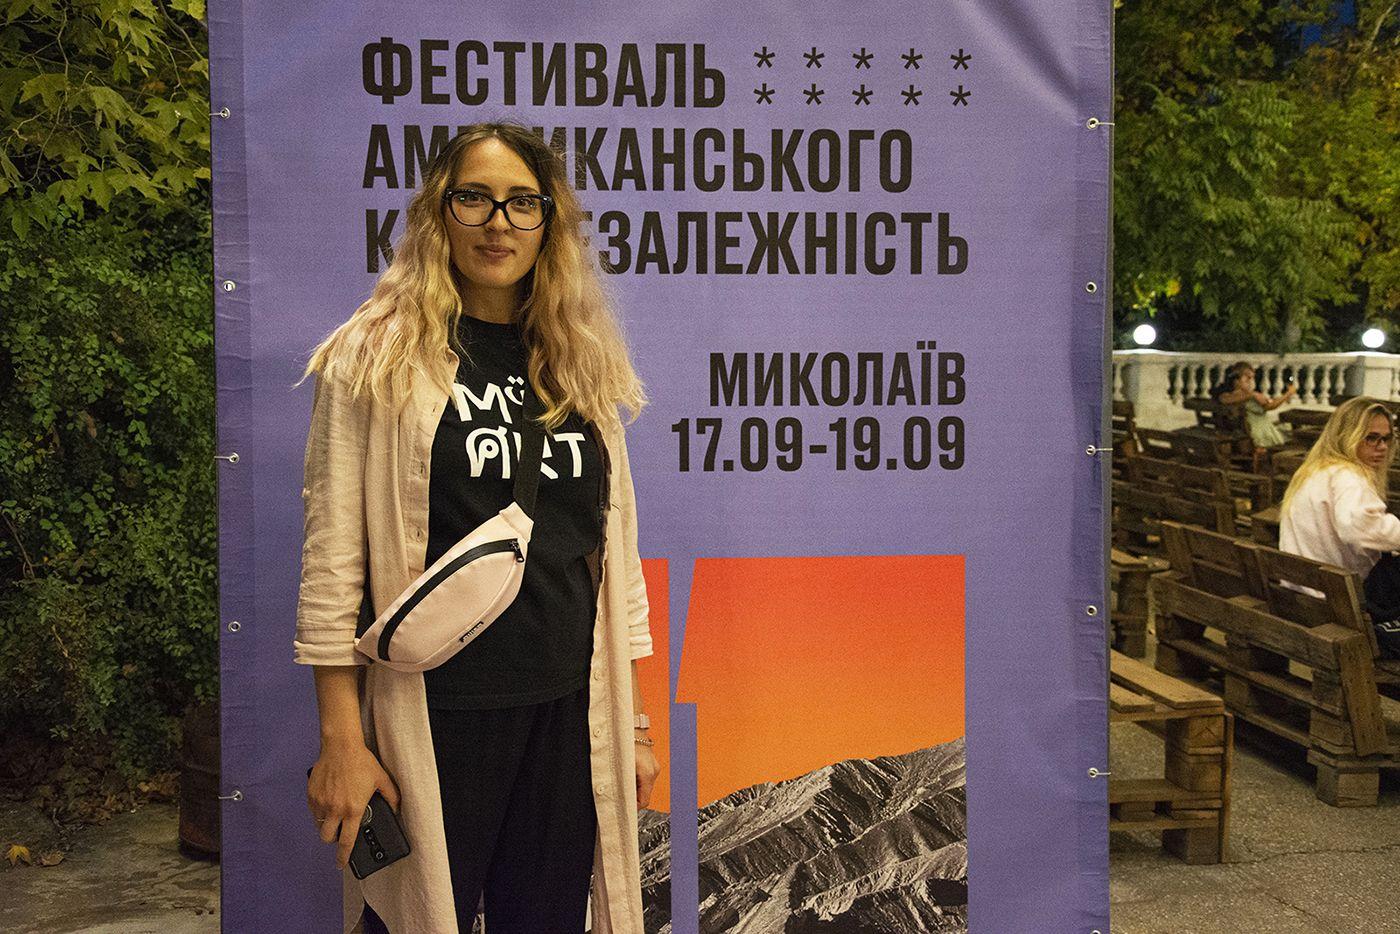 «Вера в чудо и практический подход к этому»: в Николаеве стартовал 11-й Фестиваль американского кино